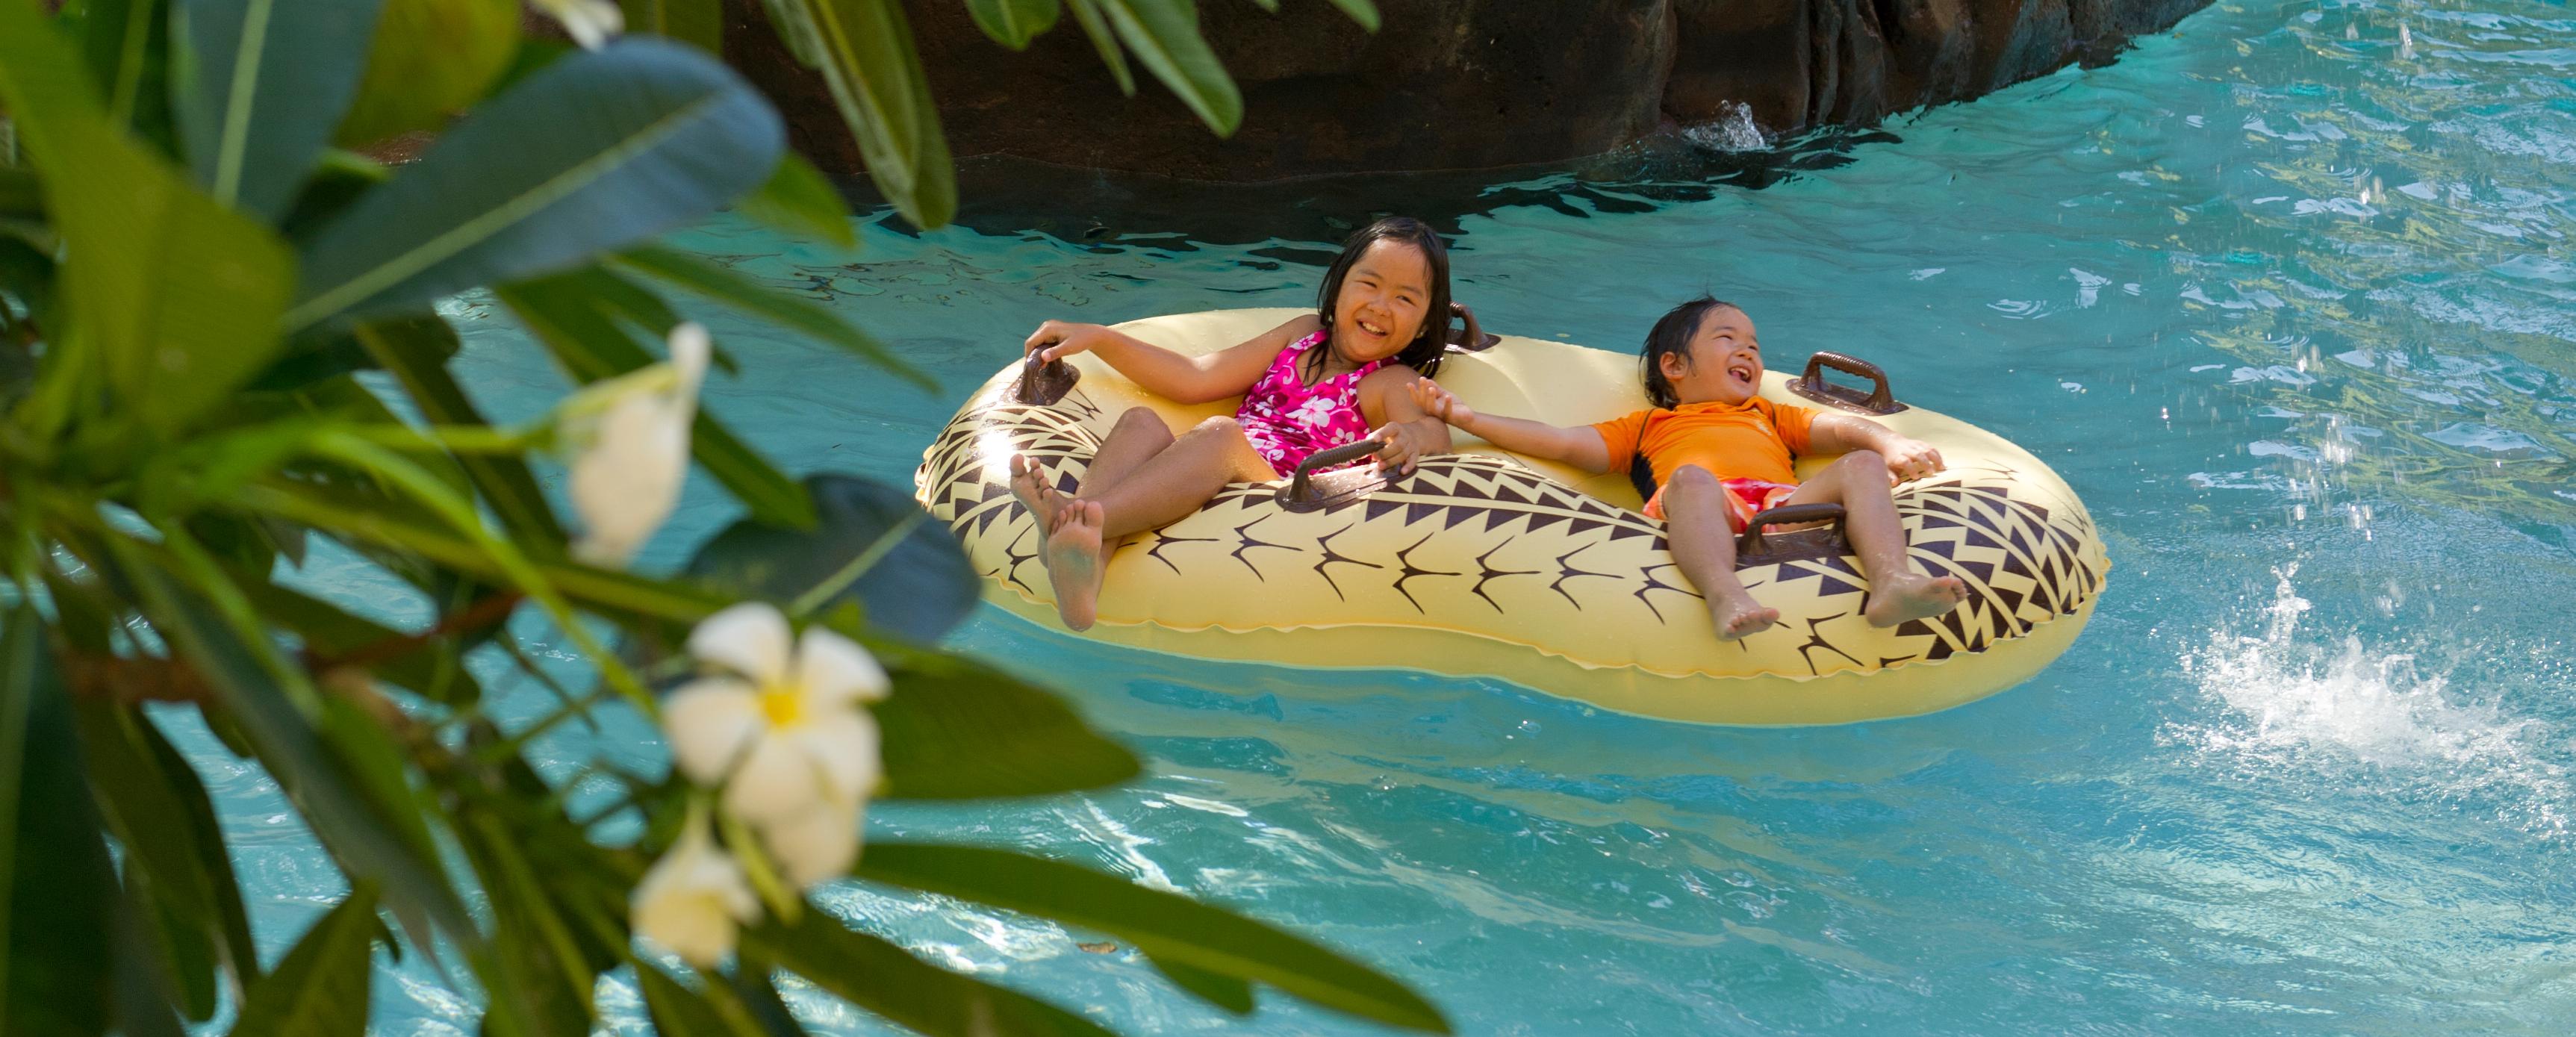 アウラニの流れるプールで 2 人乗りのチューブに乗って遊ぶ子供たち